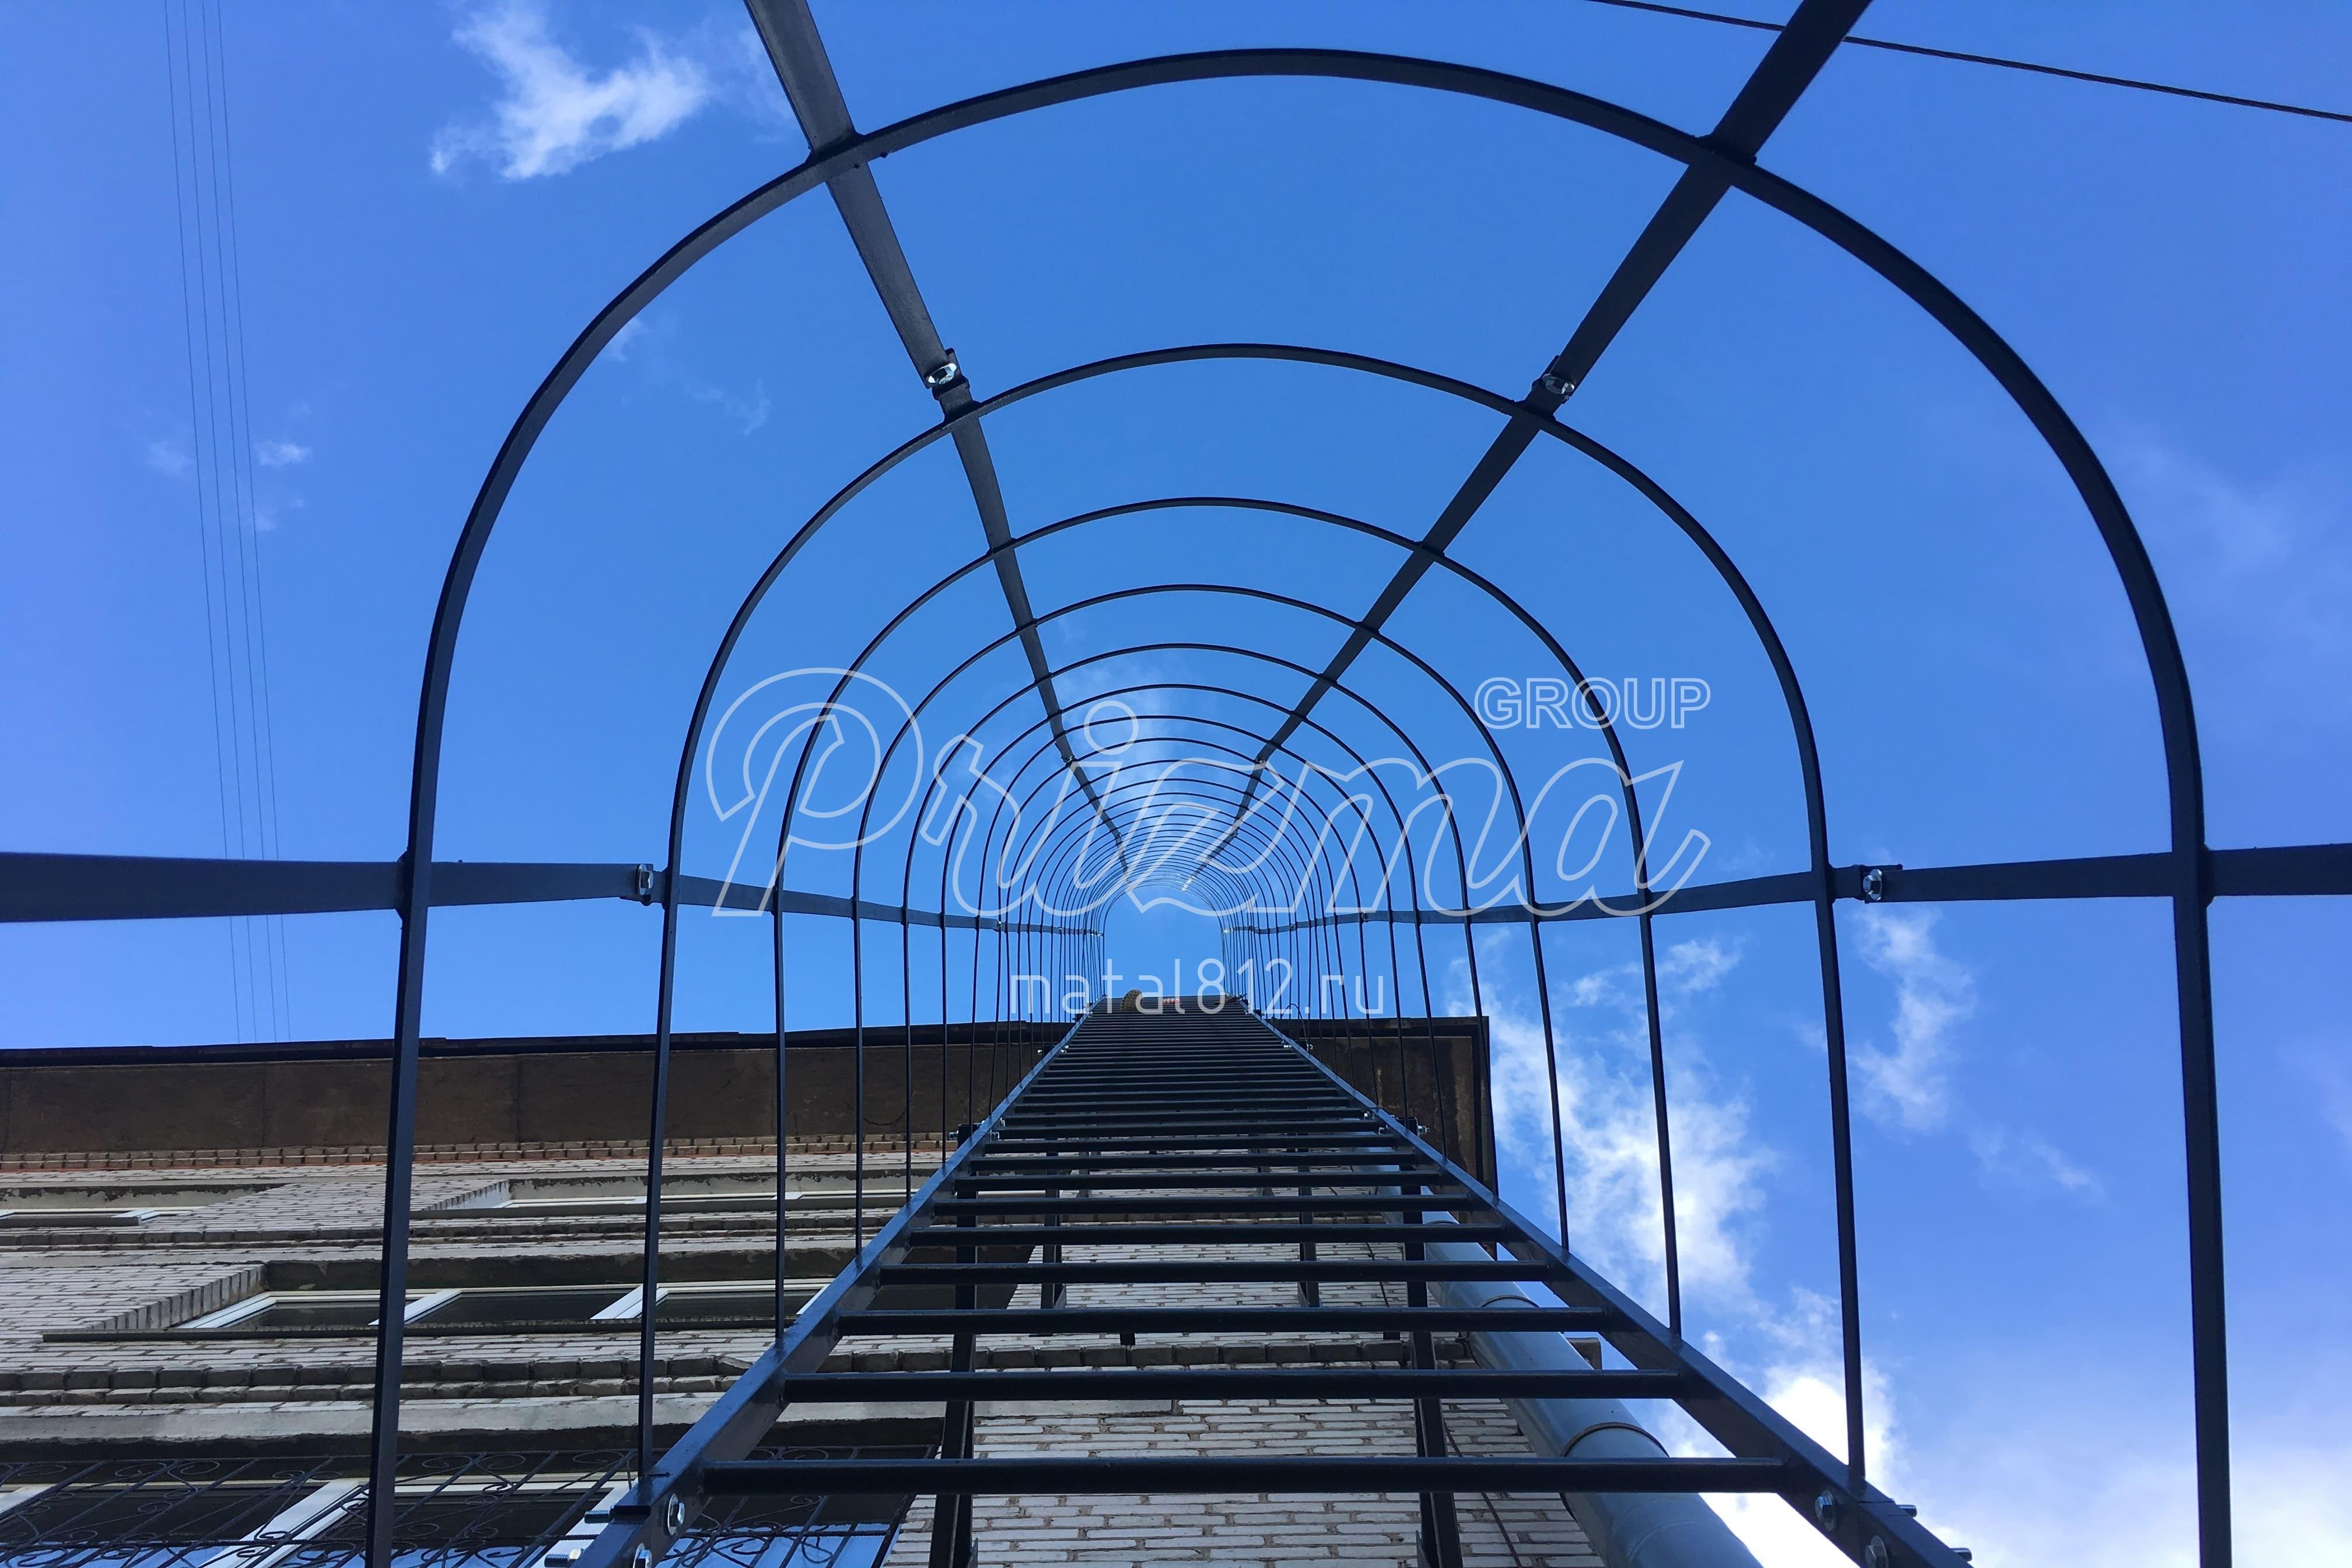 Ограждение вертикальных пожарных лестниц